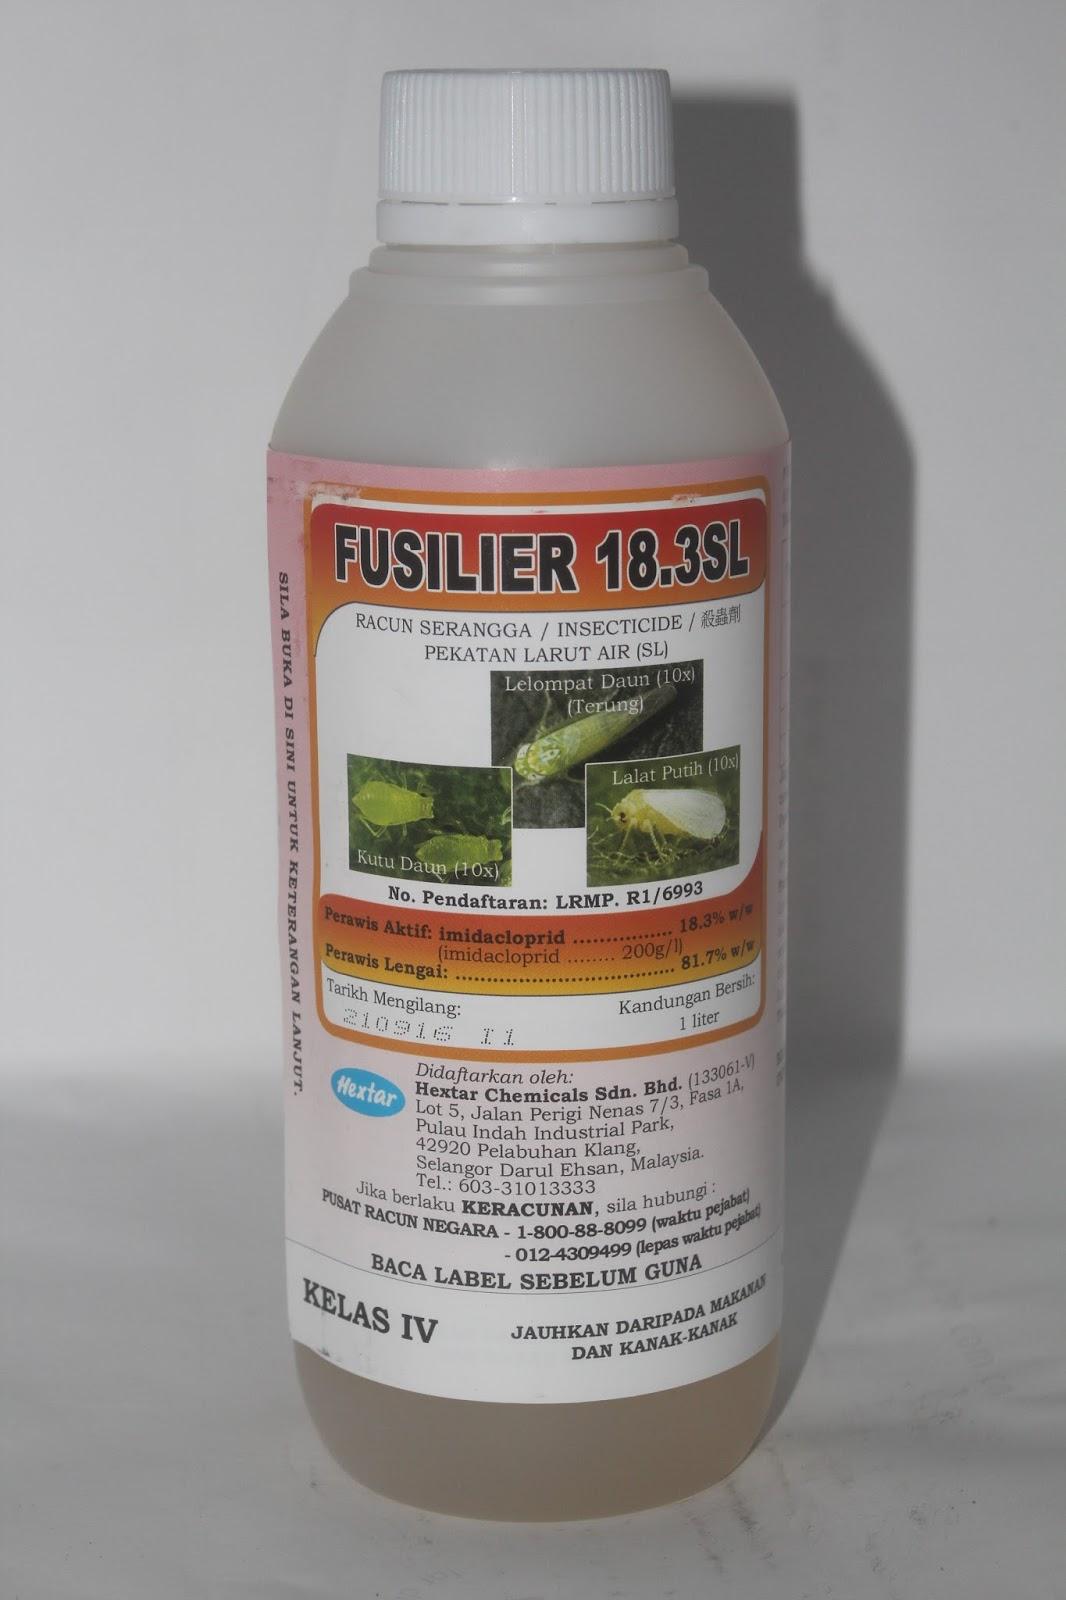 Fusilier - RM64.00